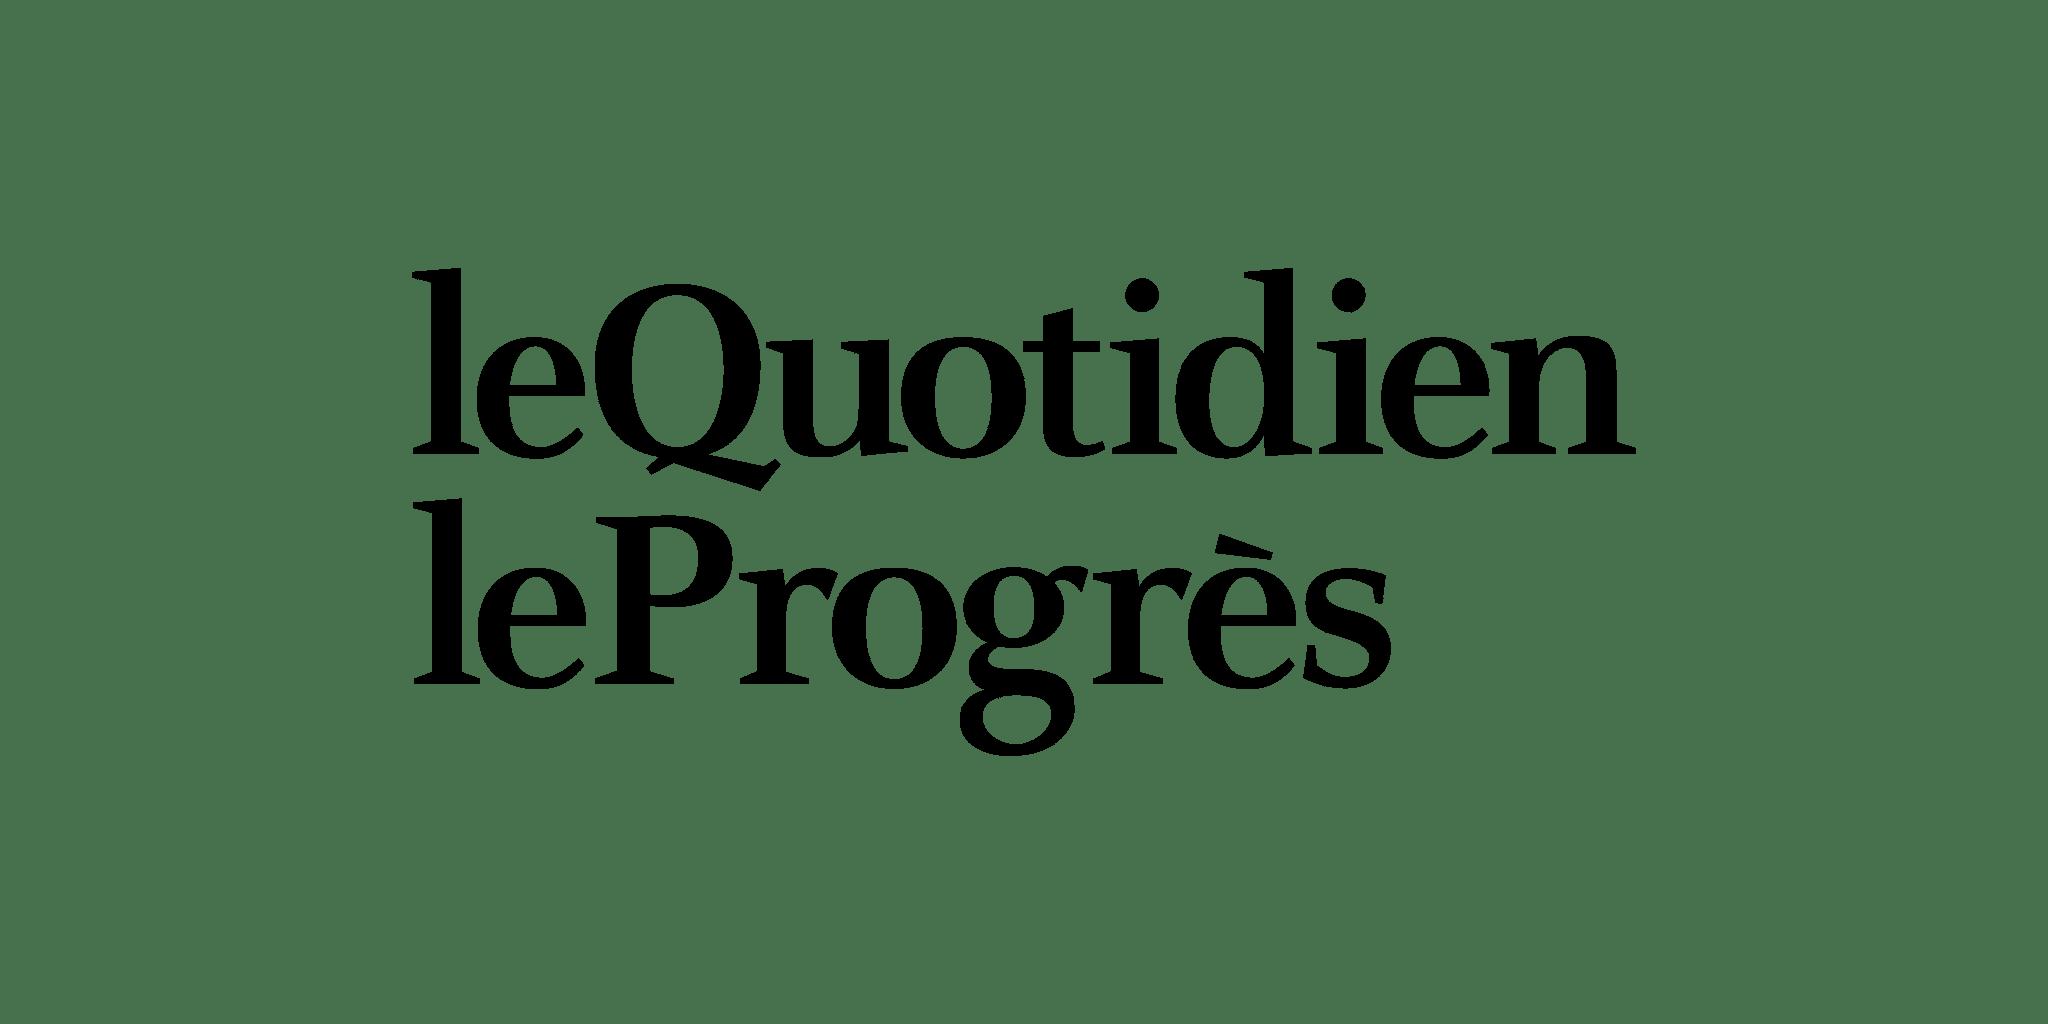 Le Quotidien/Le Progrès